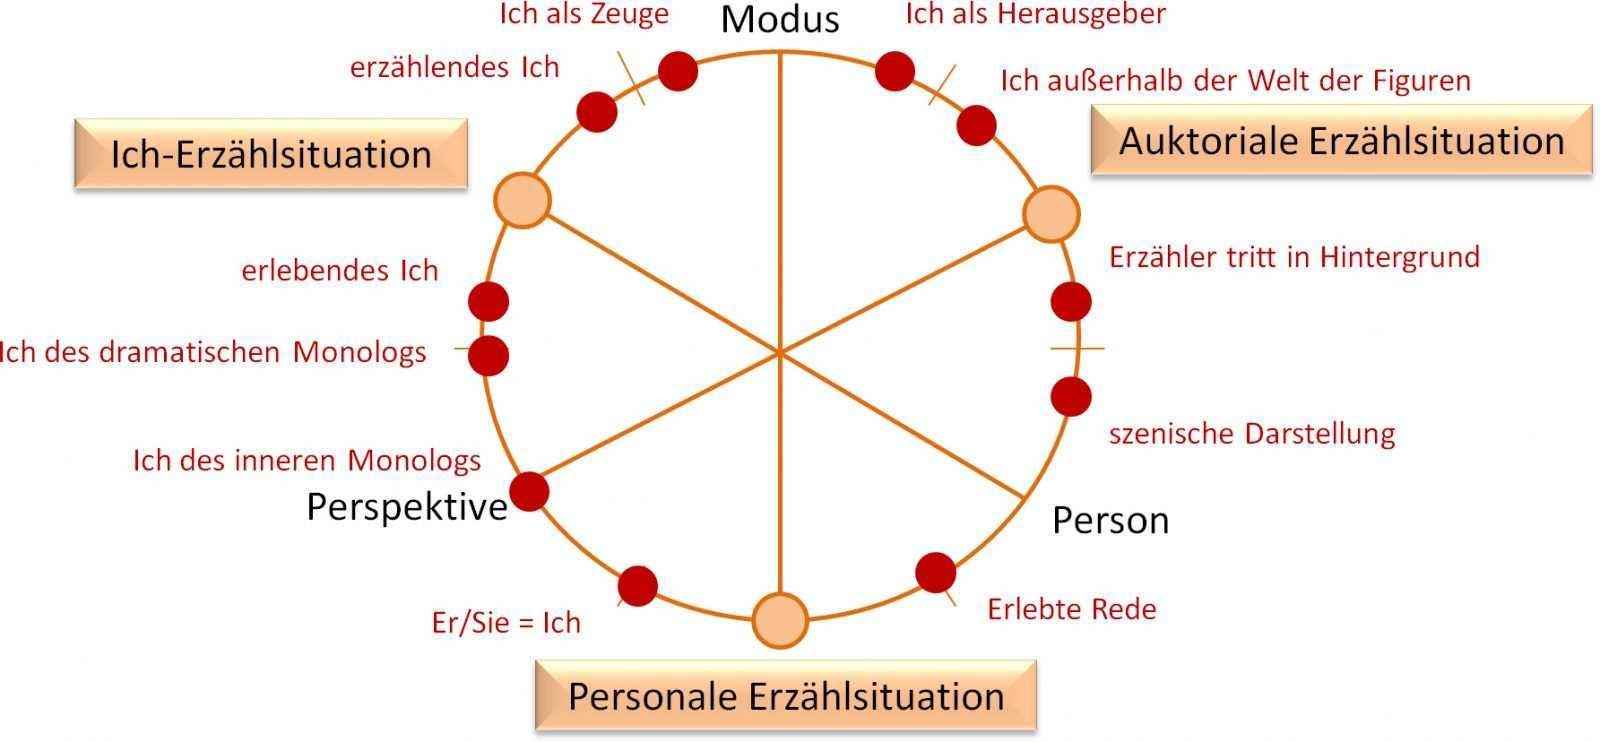 Das Typologische Modell Der Erzahlsituationen Von Franz Karl Stanzel Die Schreibtechnikerin